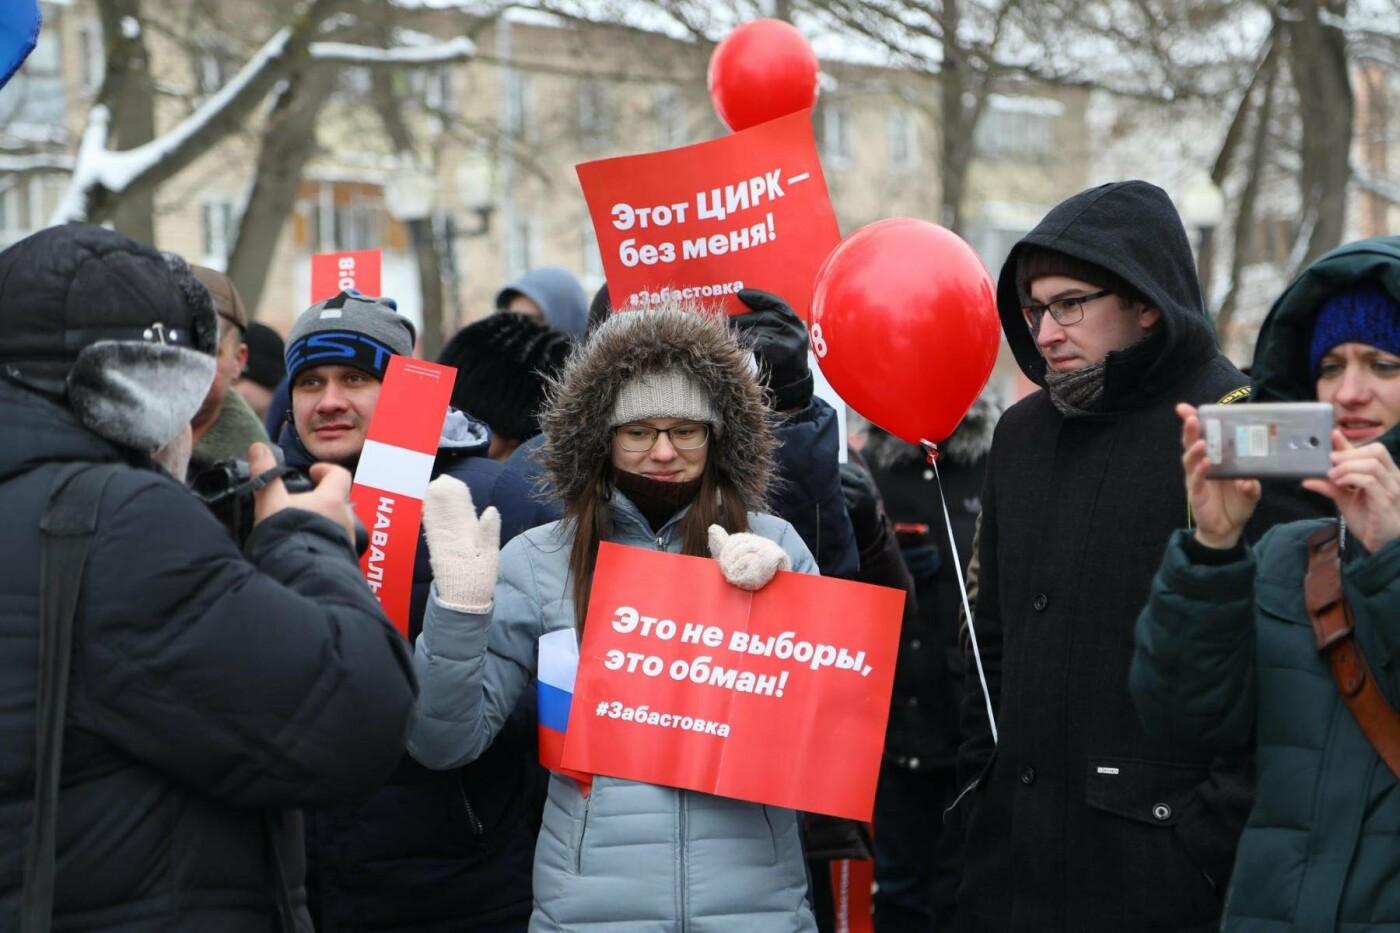 В Белгороде у Дома офицеров прошла «забастовка избирателей» — фоторепортаж, фото-3